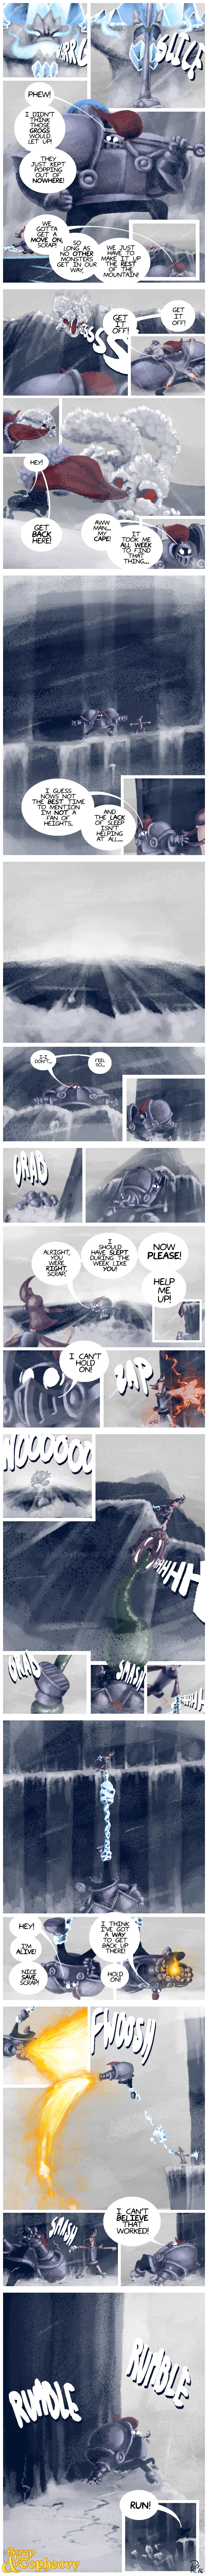 Comic37.jpg